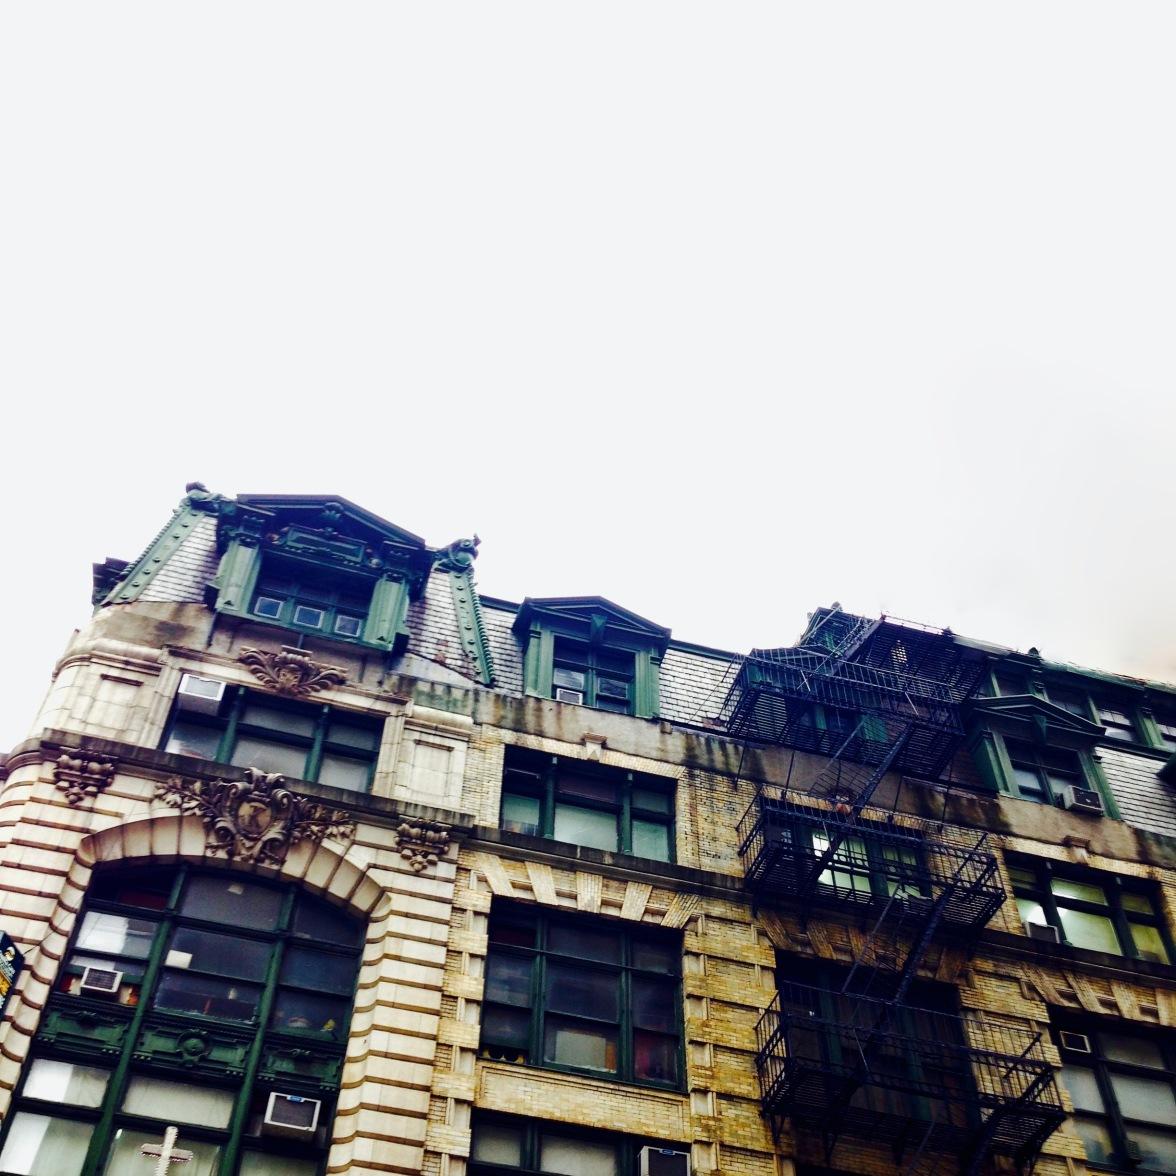 Architecture along 5th Avenue